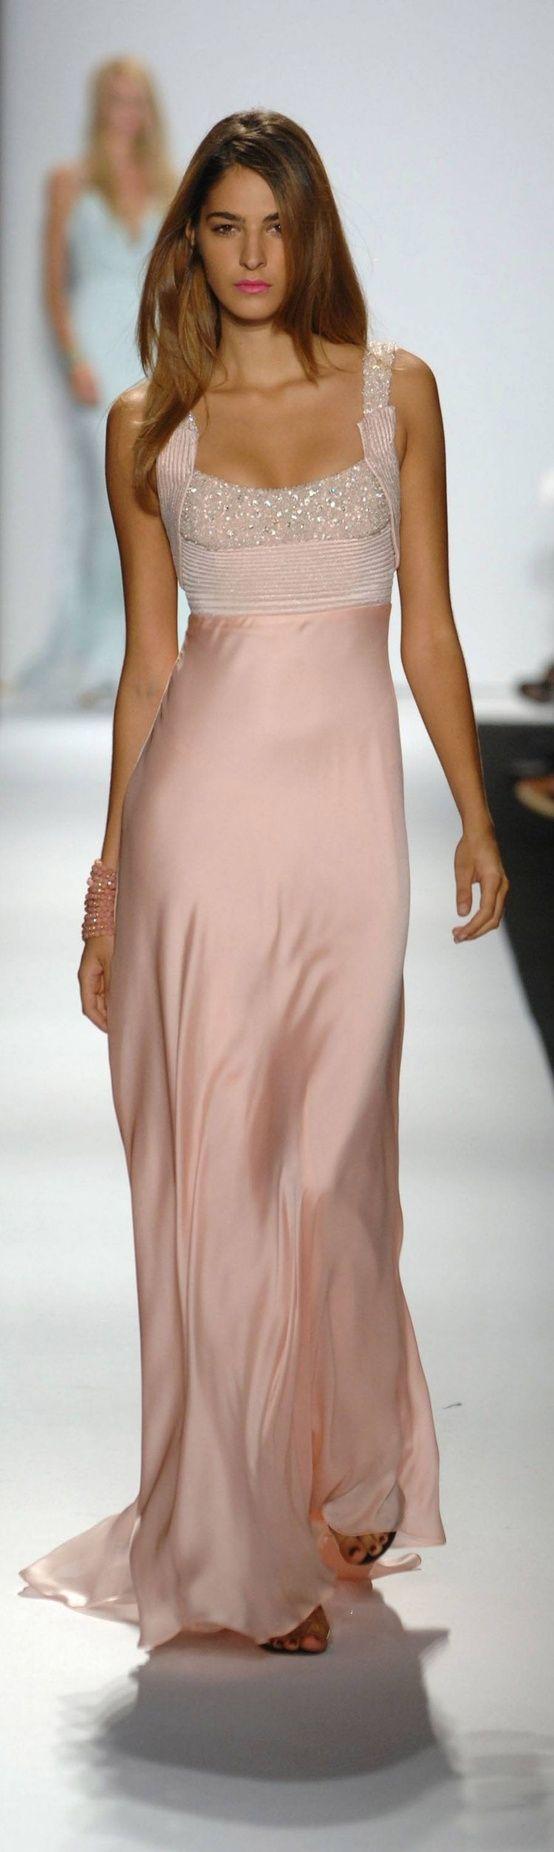 Pin de Tania Vázquez Delgado en Lindos vestidos. | Pinterest ...